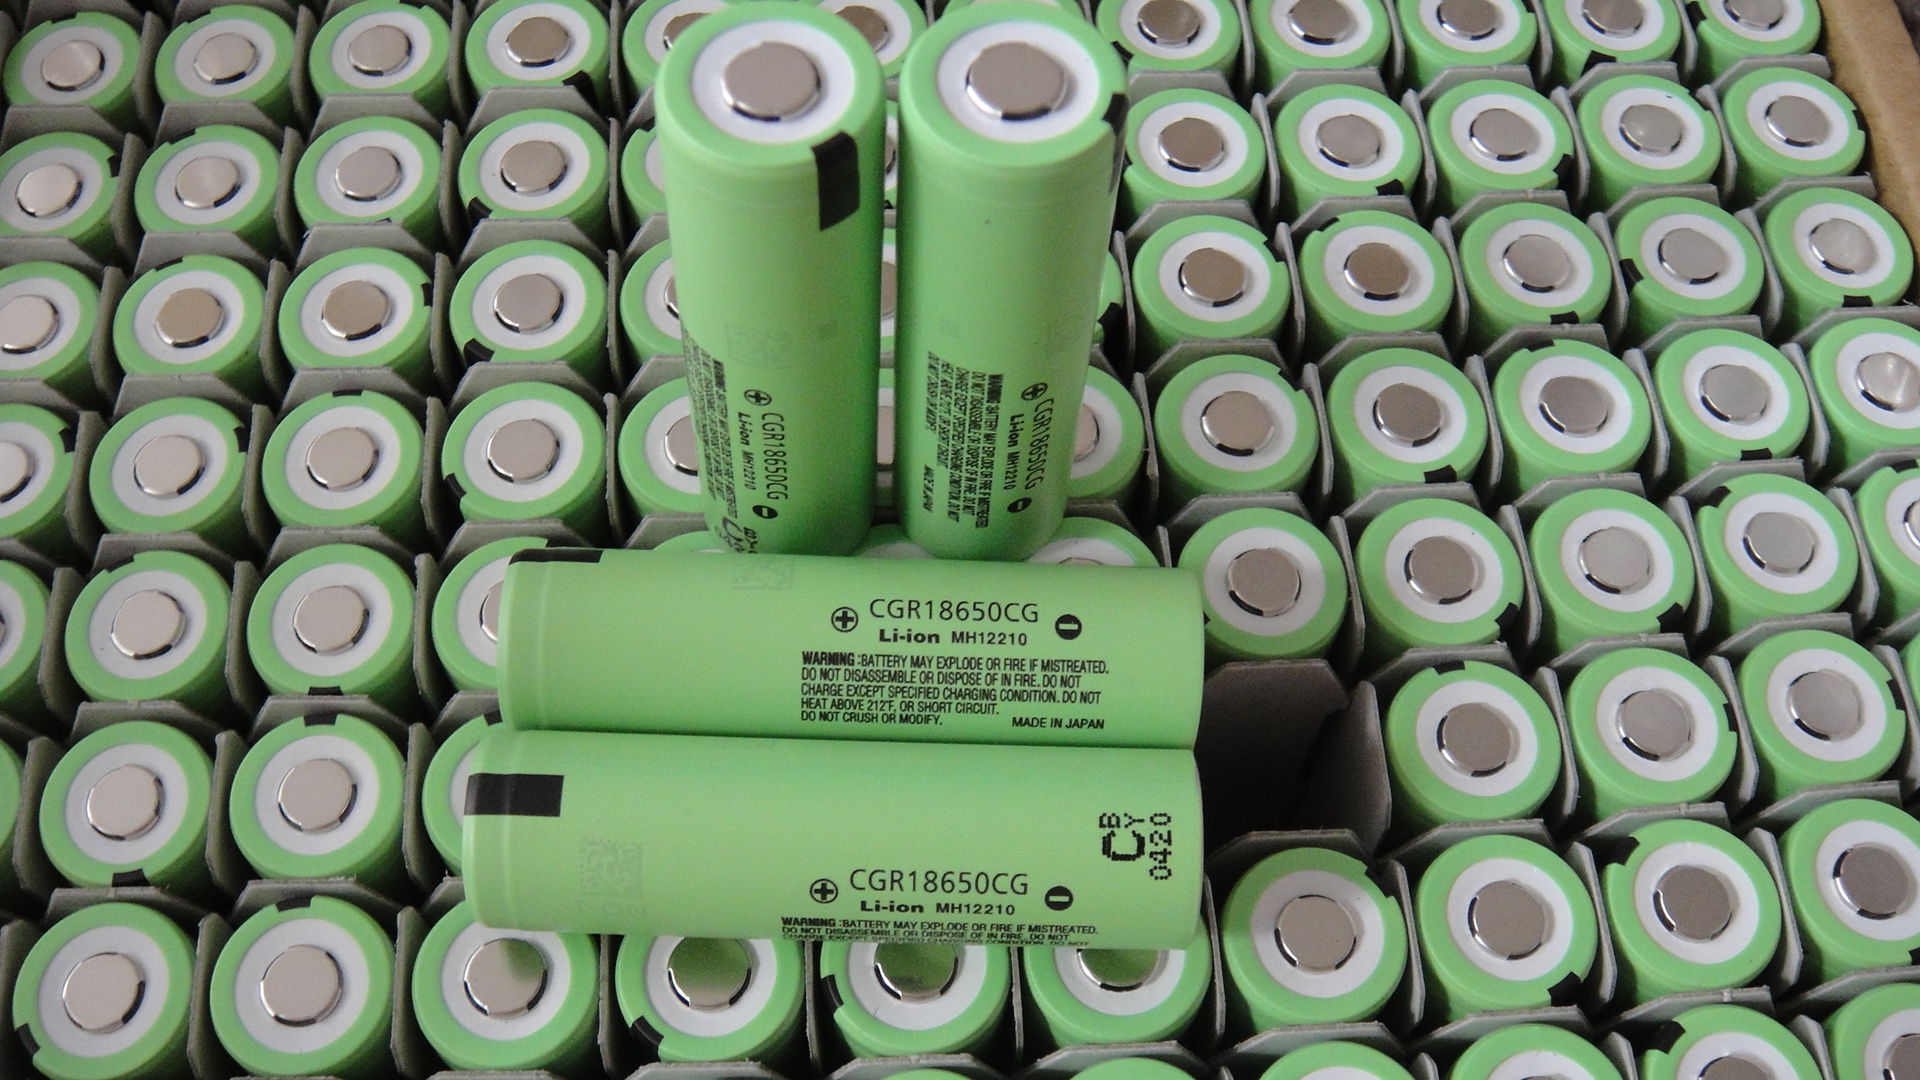 锂电池概念炒作盛宴暂告终结 灵敏资金开始撤离?